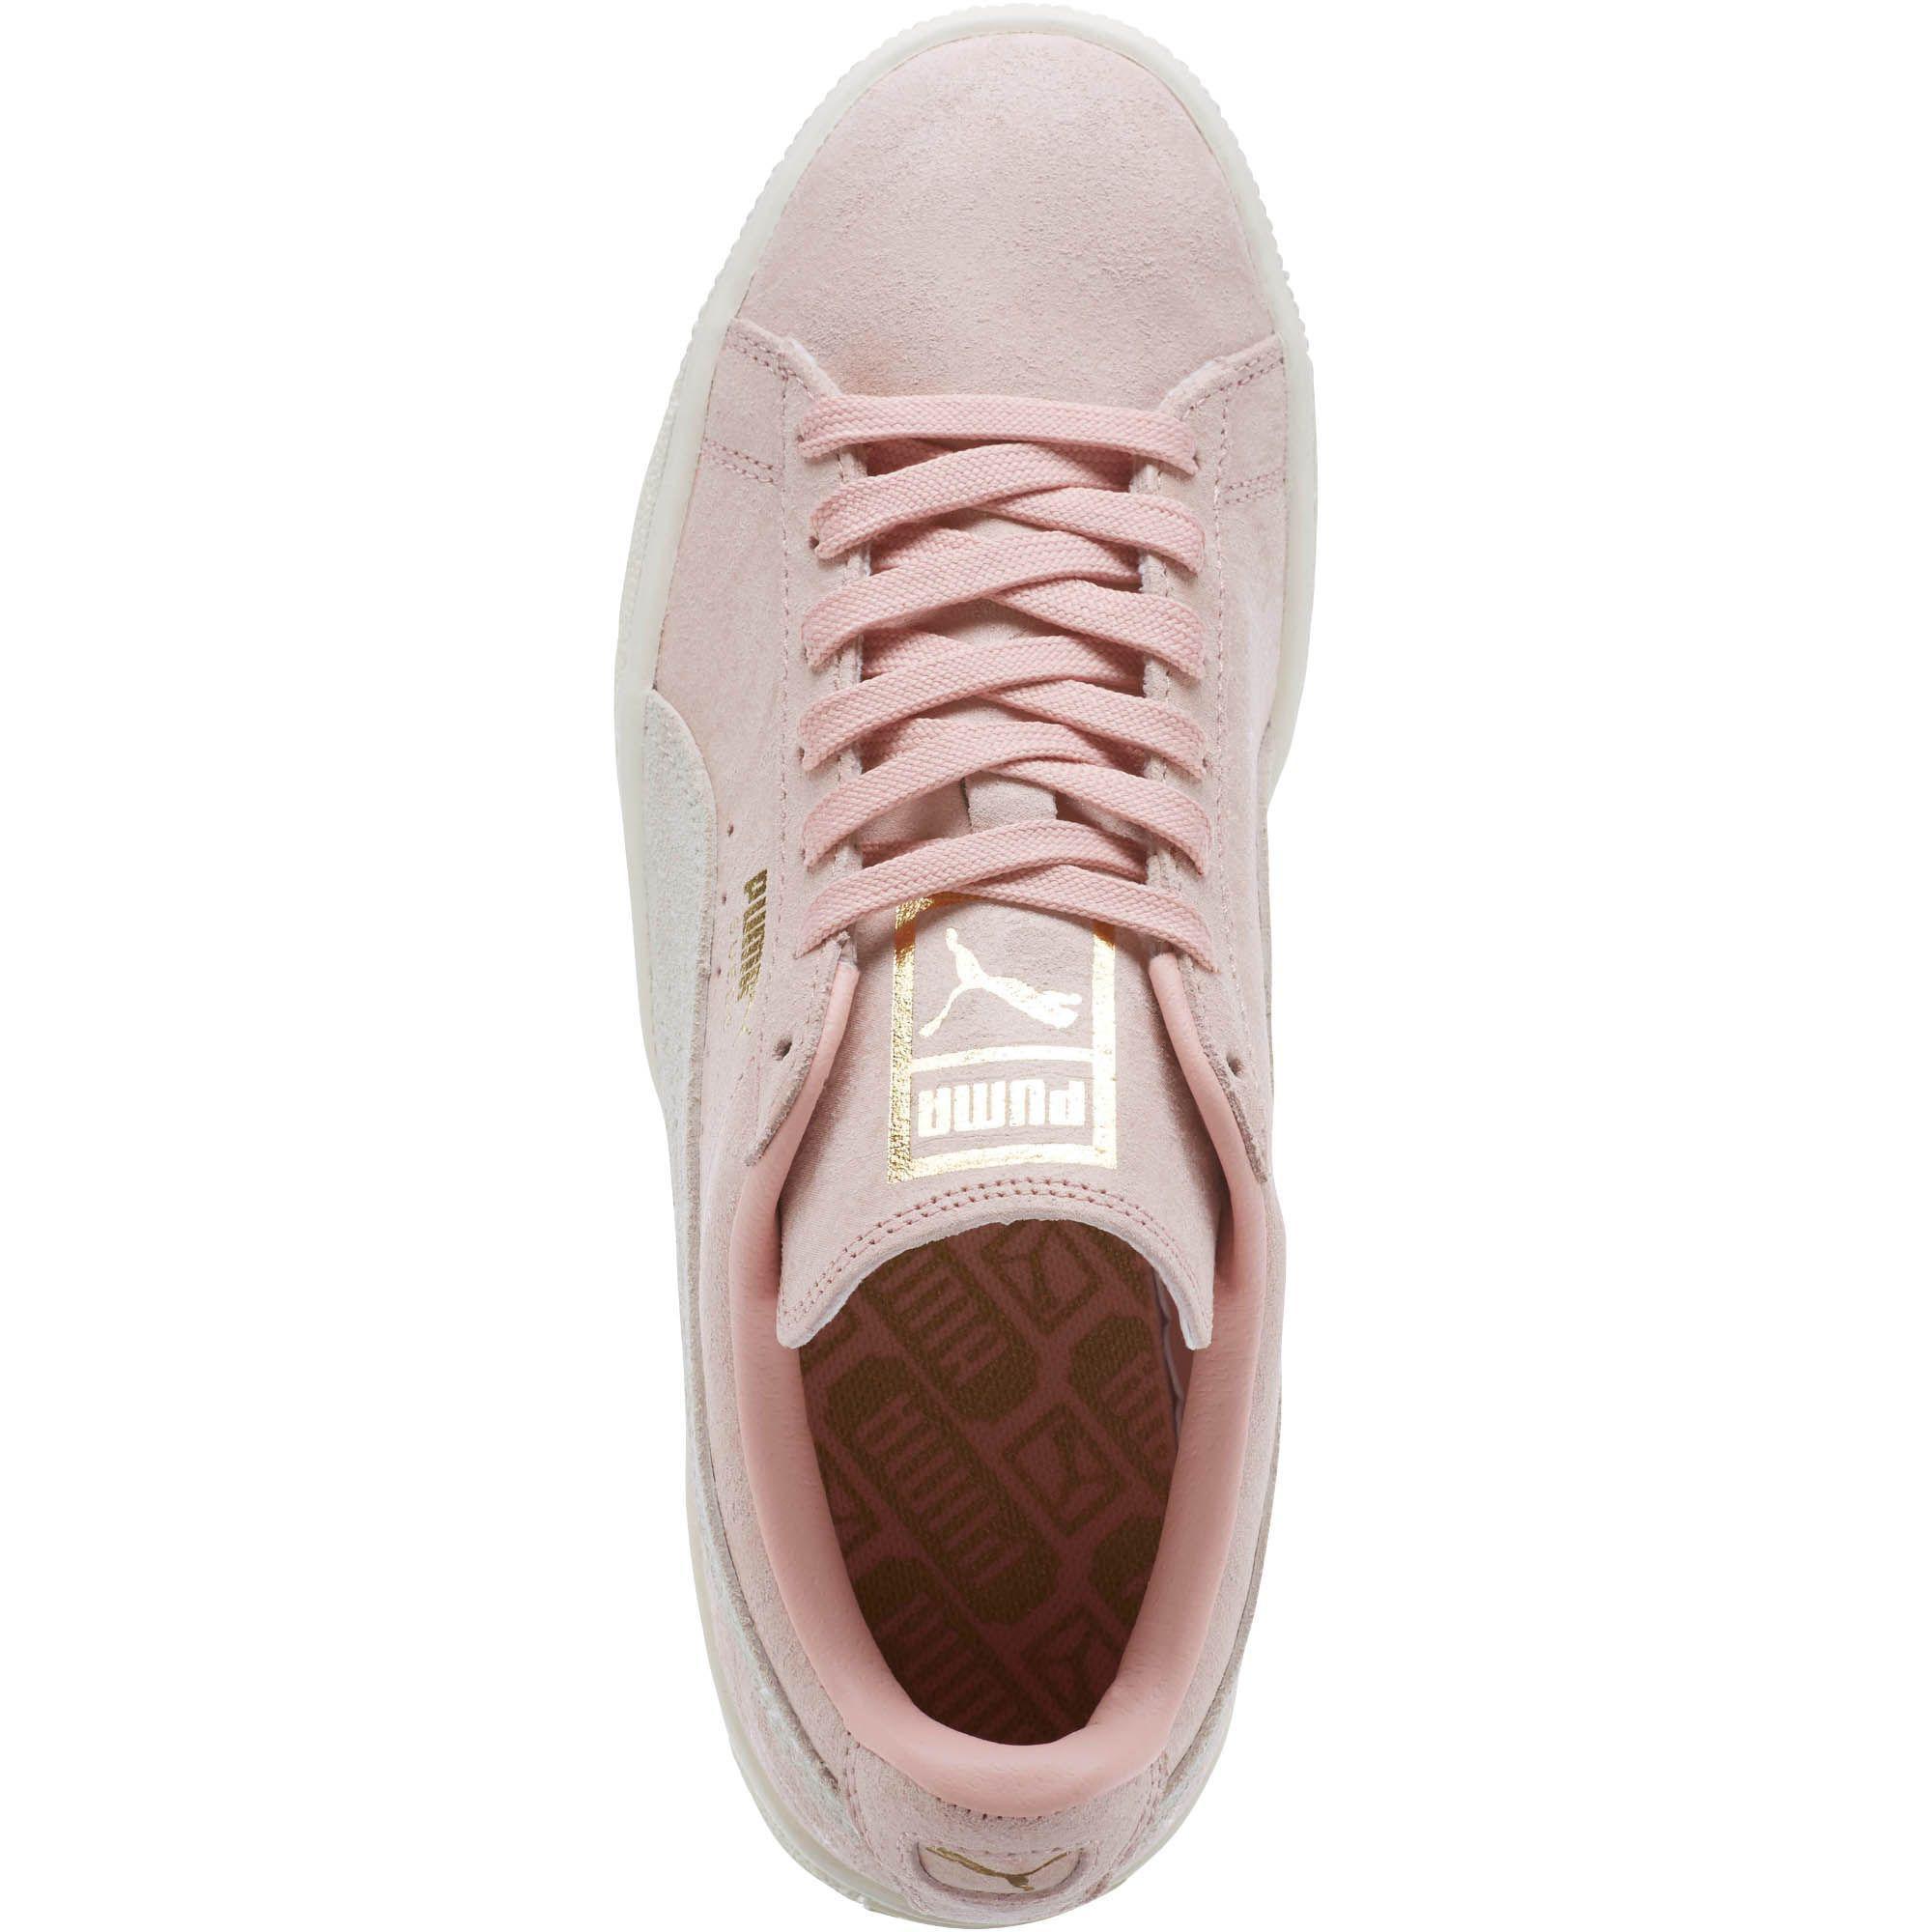 9d4f43b59927c1 Gallery. Women s Puma Classic Women s Puma Classic Sneaker ...